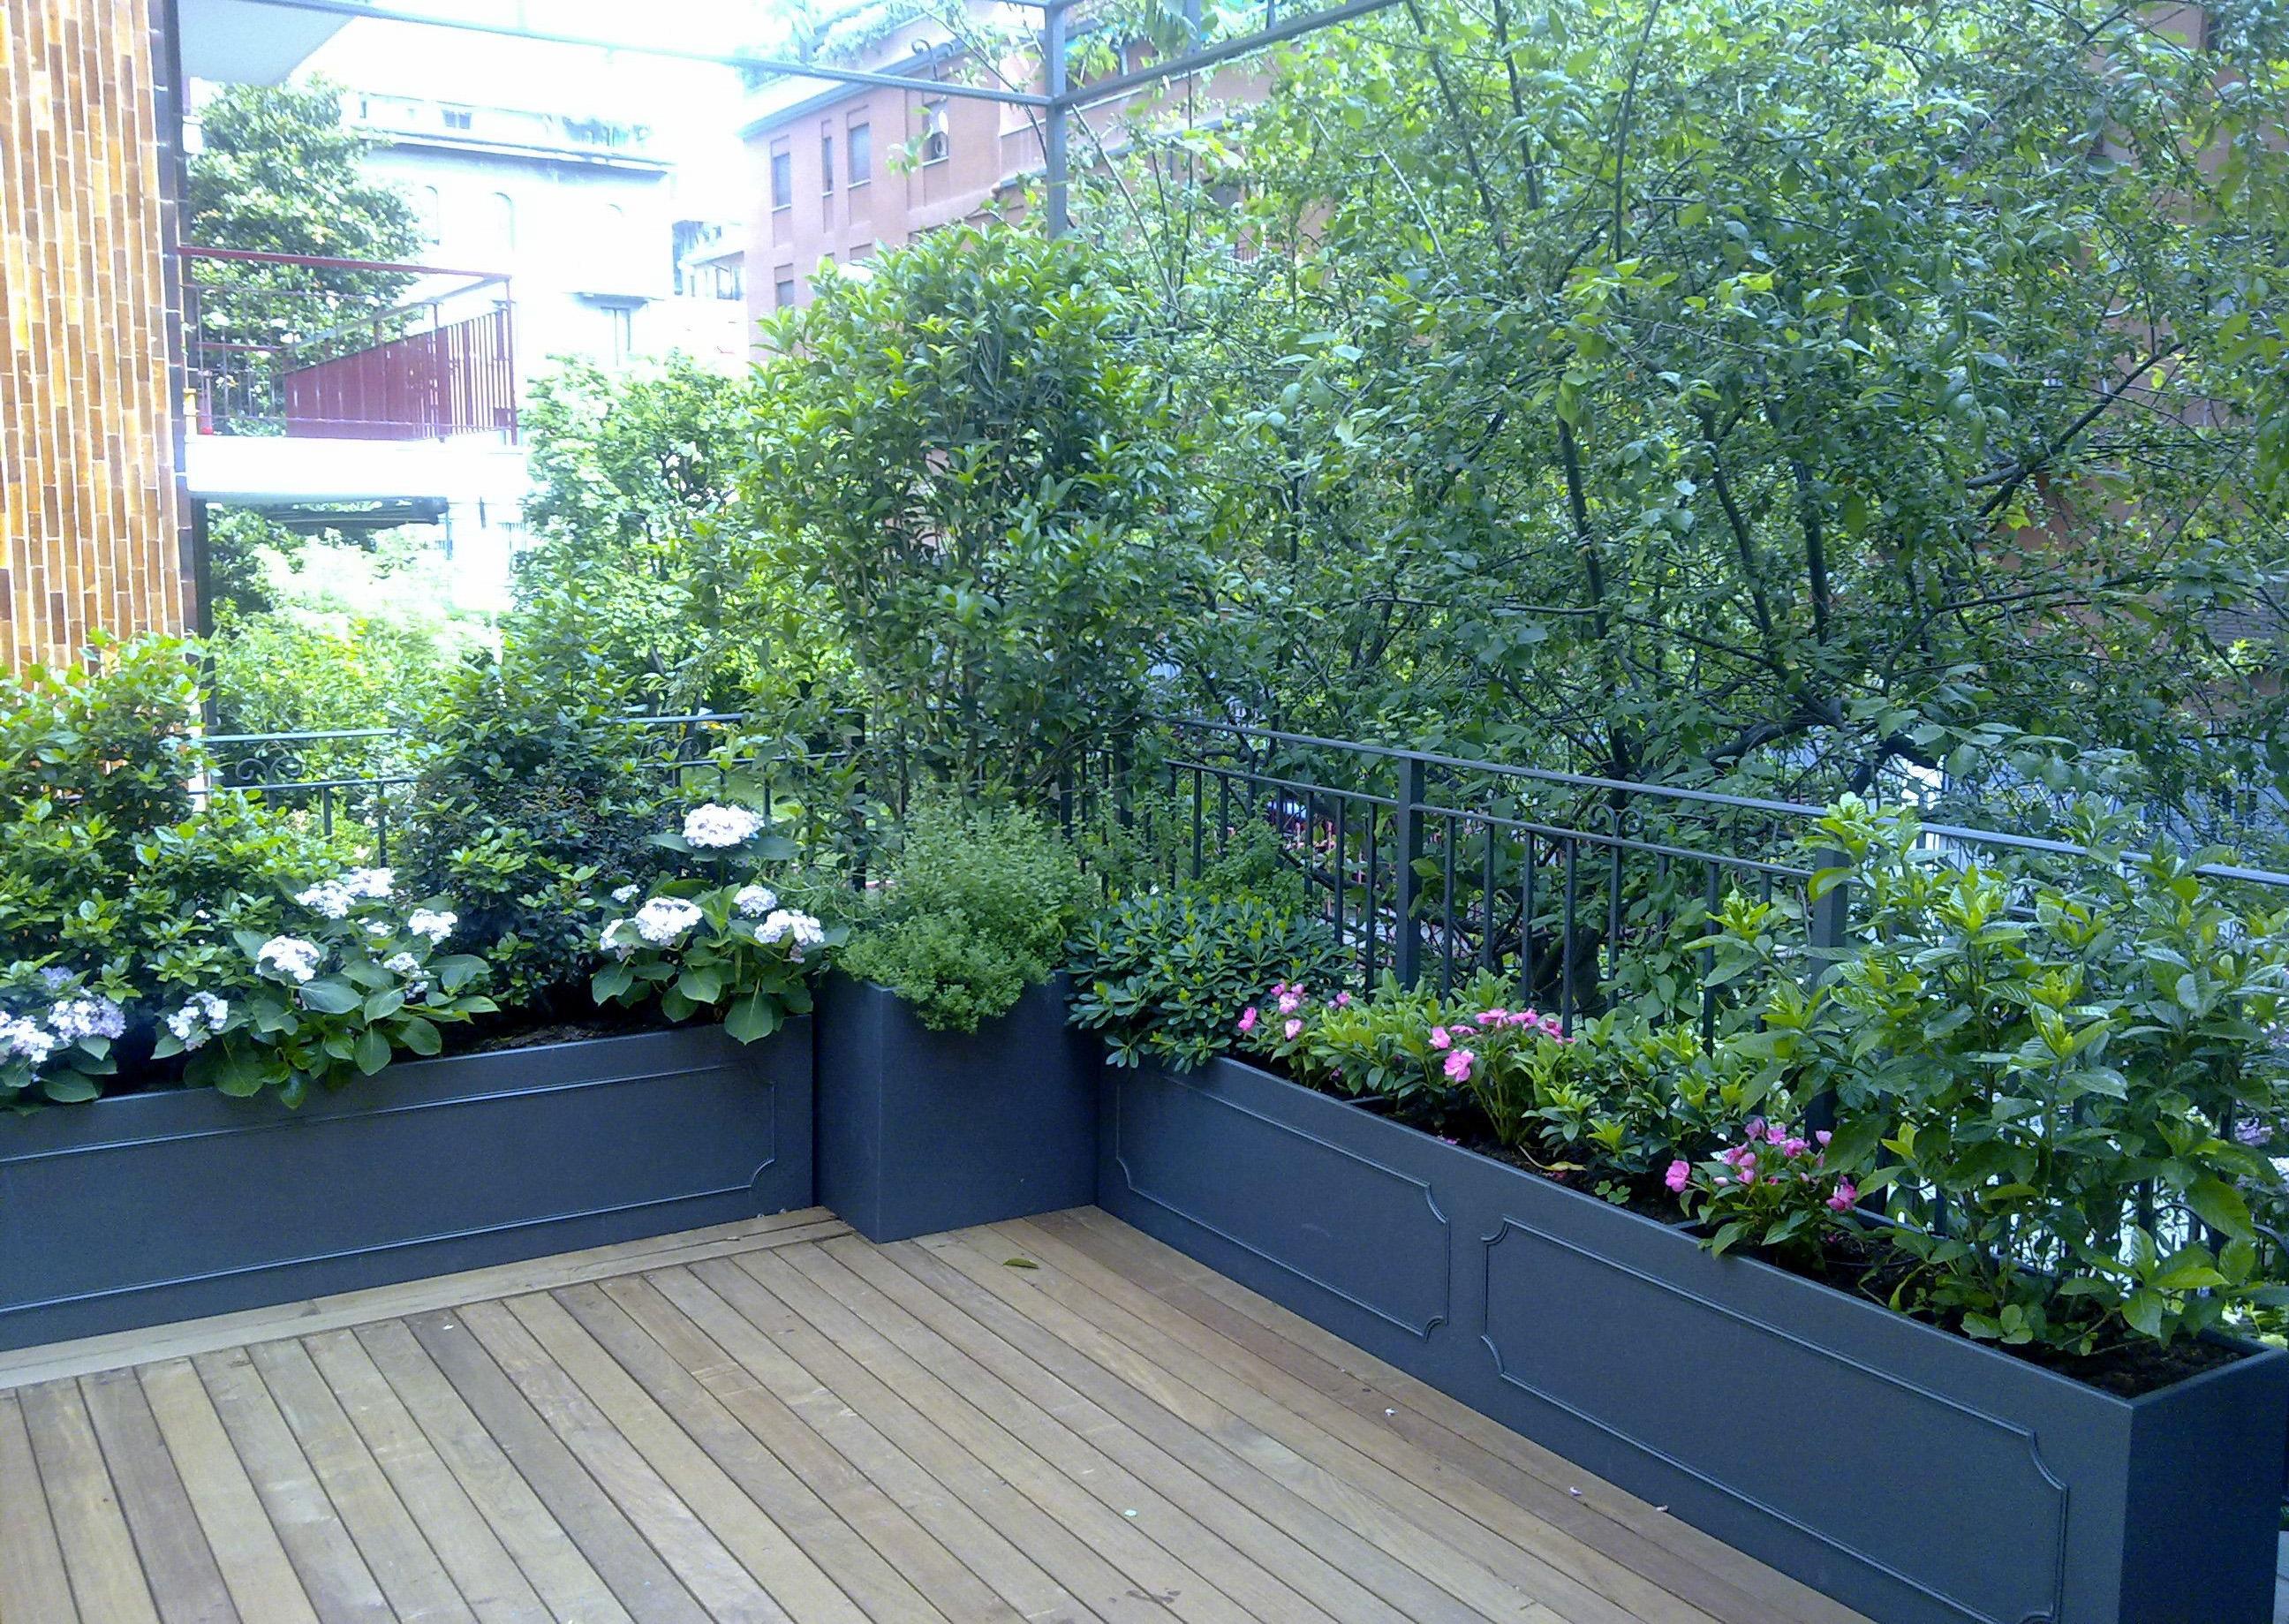 grandi vasche in acciaio verniciate con piante da ombra circondano ...